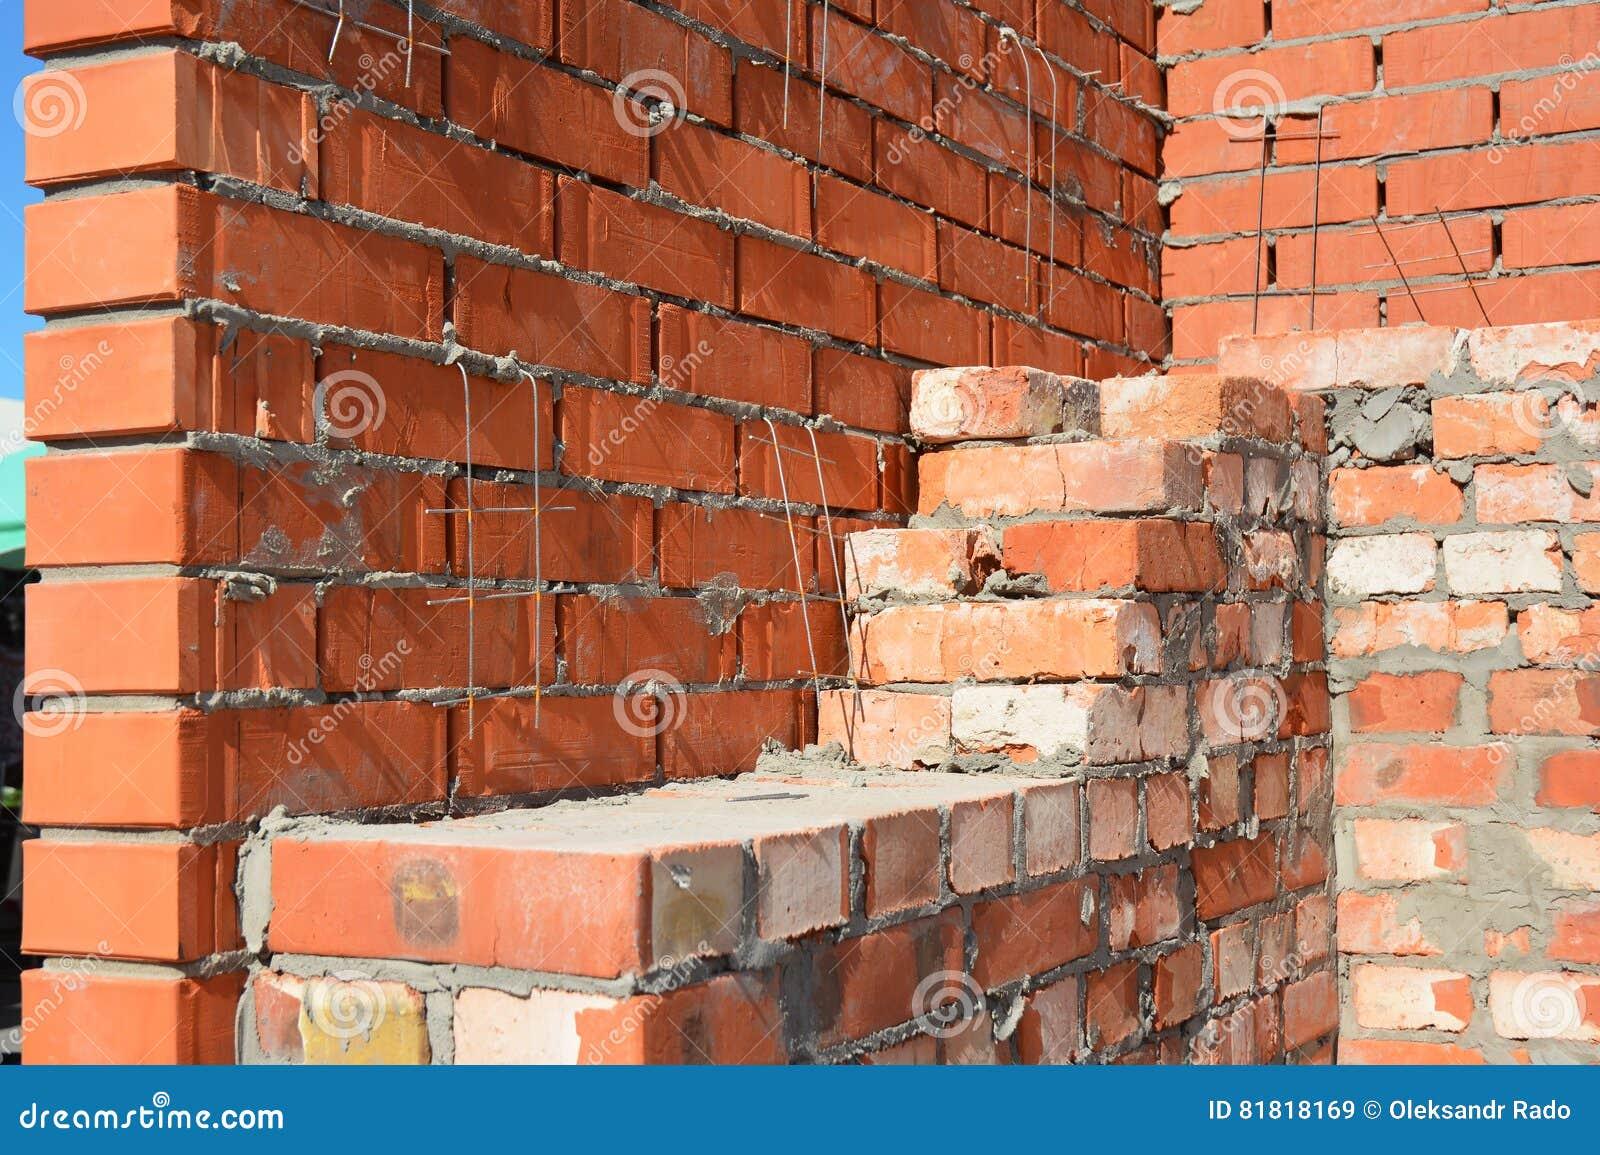 DIY bricklaying 92